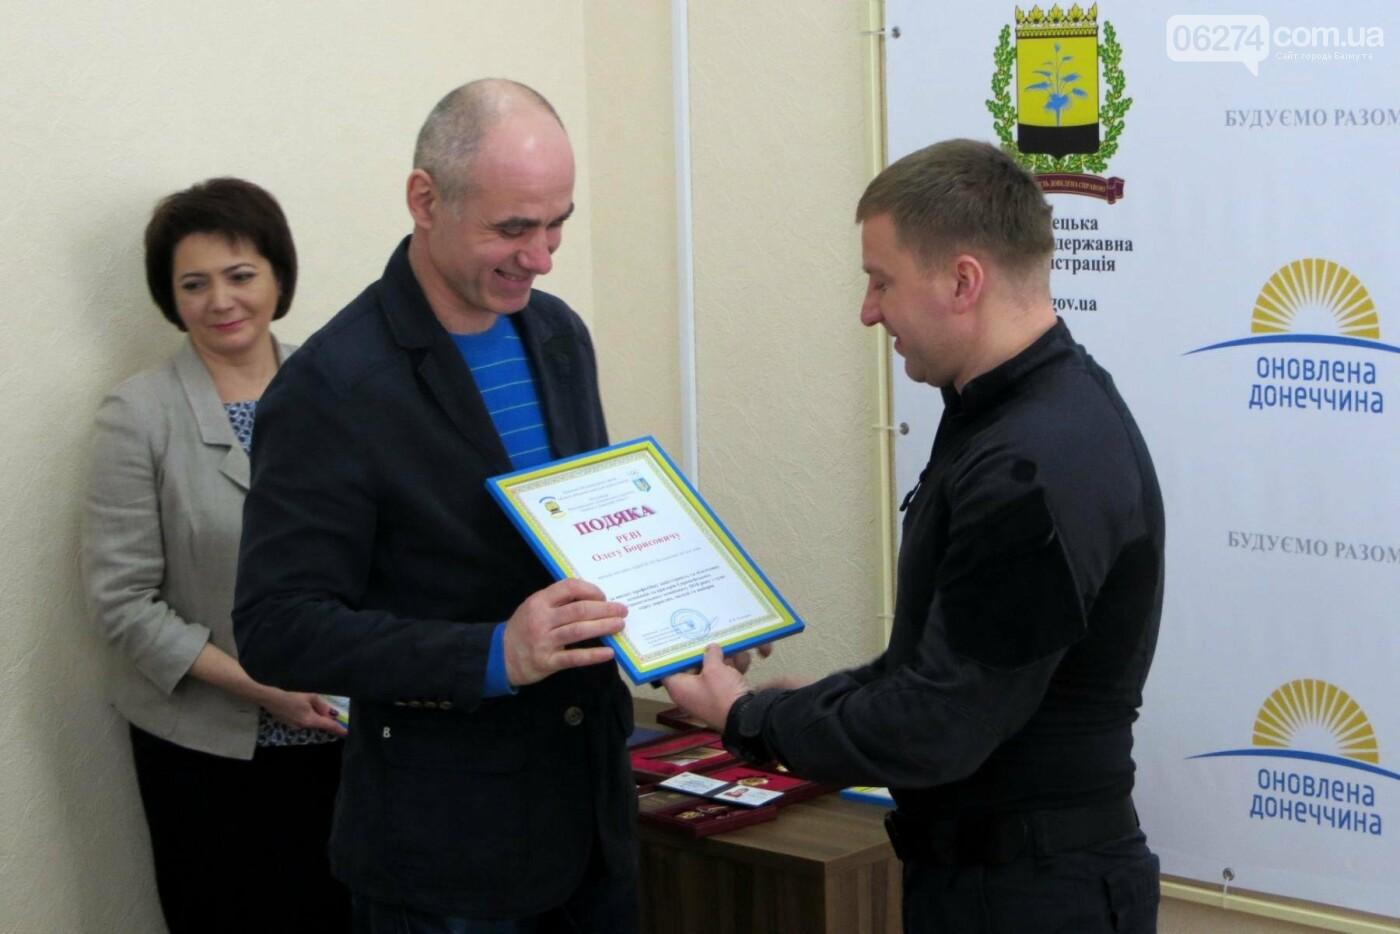 В Краматорске отметили лучших спортсменов и тренеров Донецкой области, фото-3